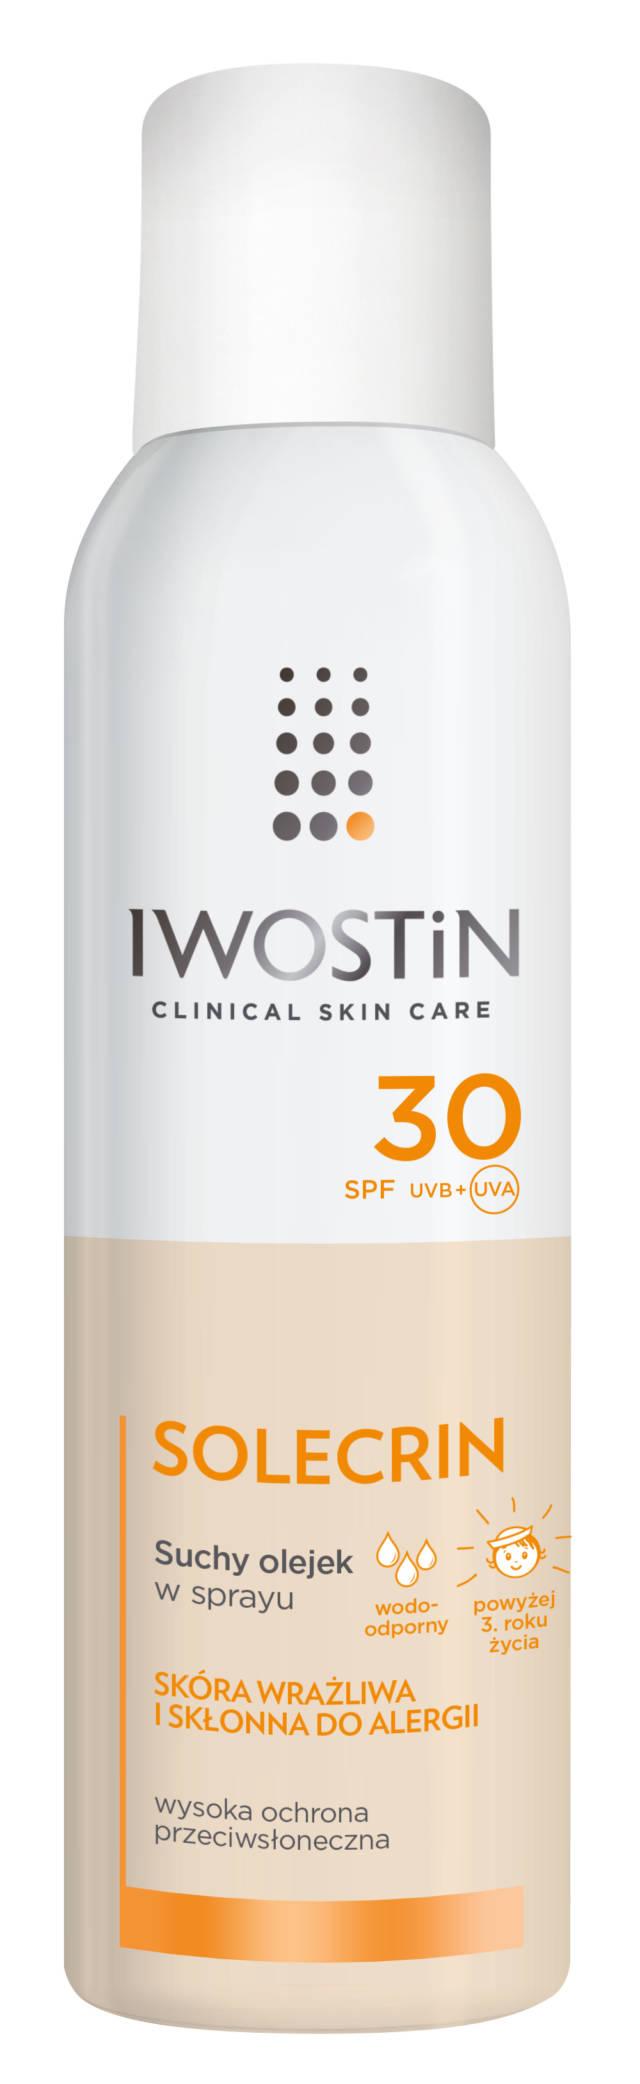 IWOSTIN SOLECRIN Suchy olejek w sprayu SPF30 150ml